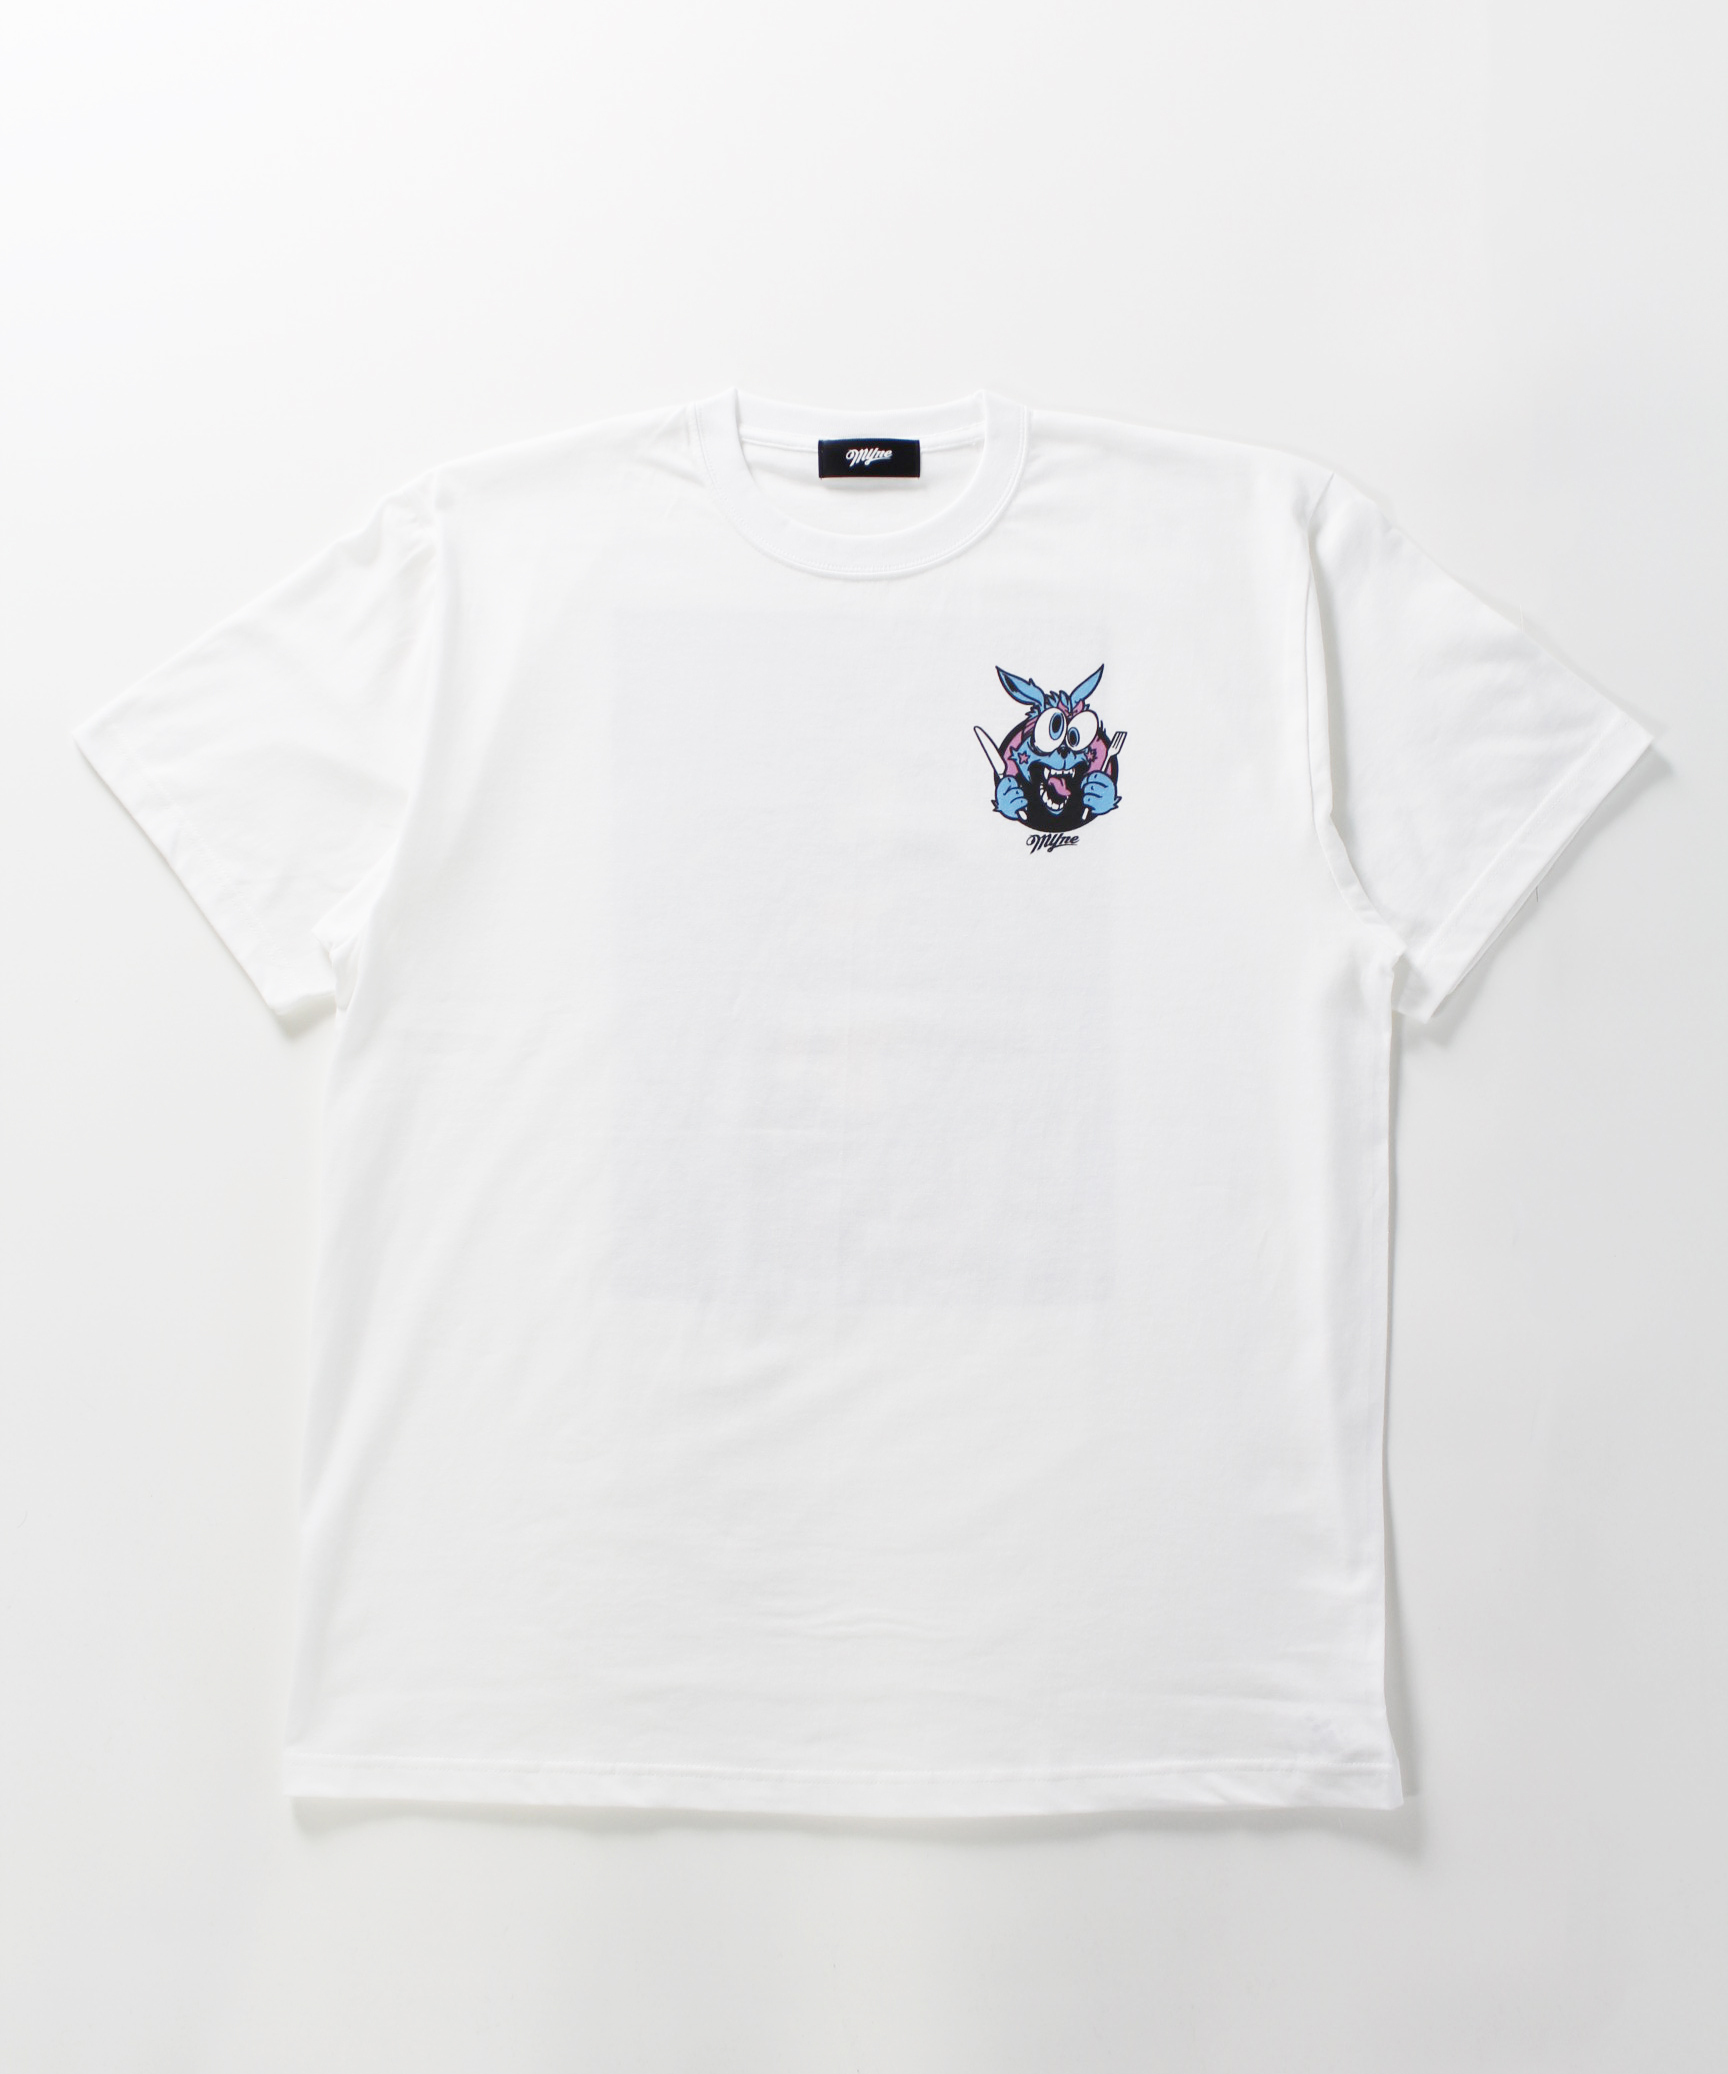 MYne CODEX 別注T-shirt / WHITE - 画像1